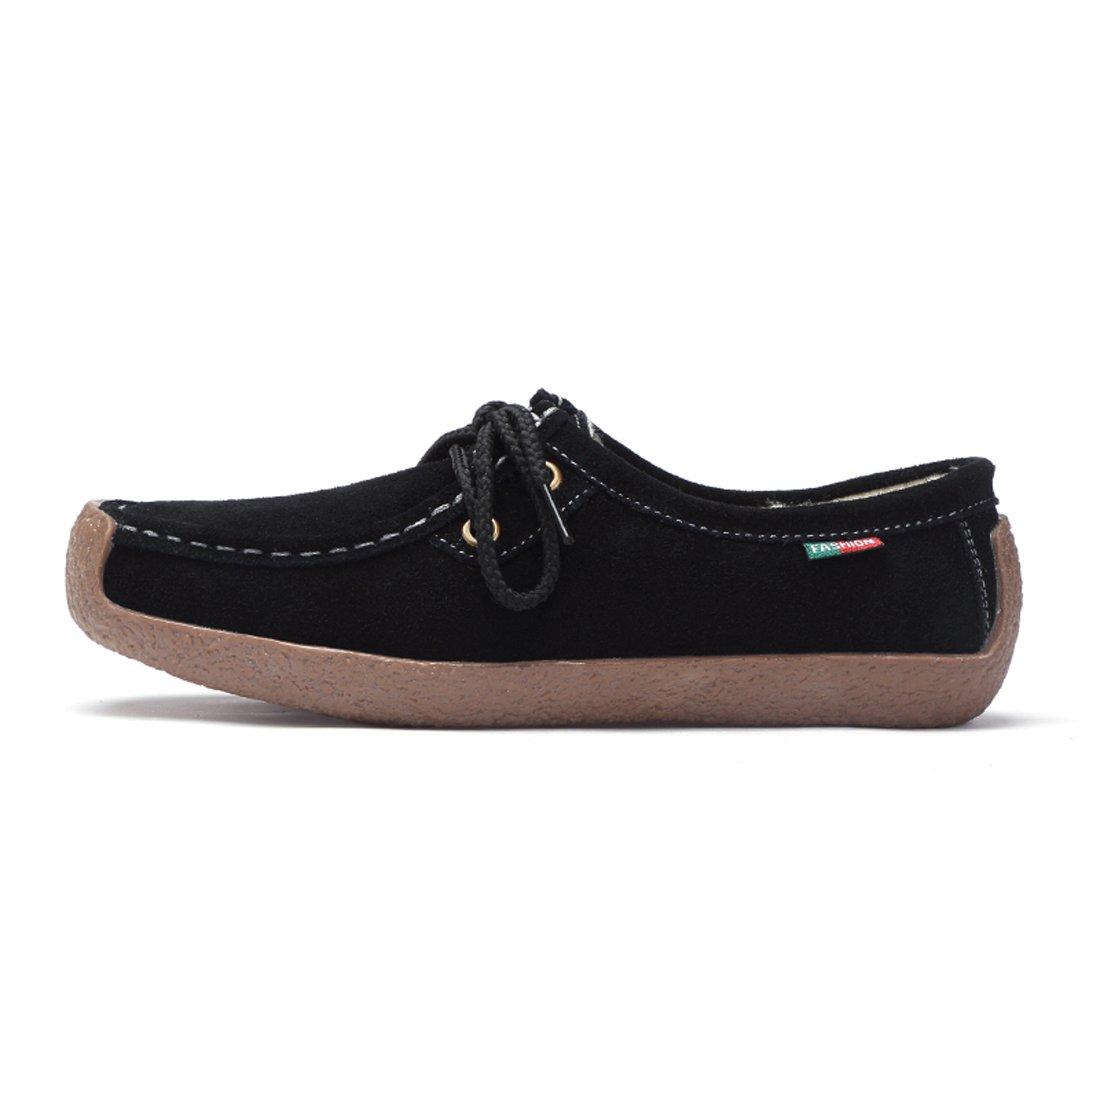 ... Z.SUO Mocassini Donna in in in Pelle Scamosciata Moda comode Loafers Scarpe  da Guida ... e97afaaf52b